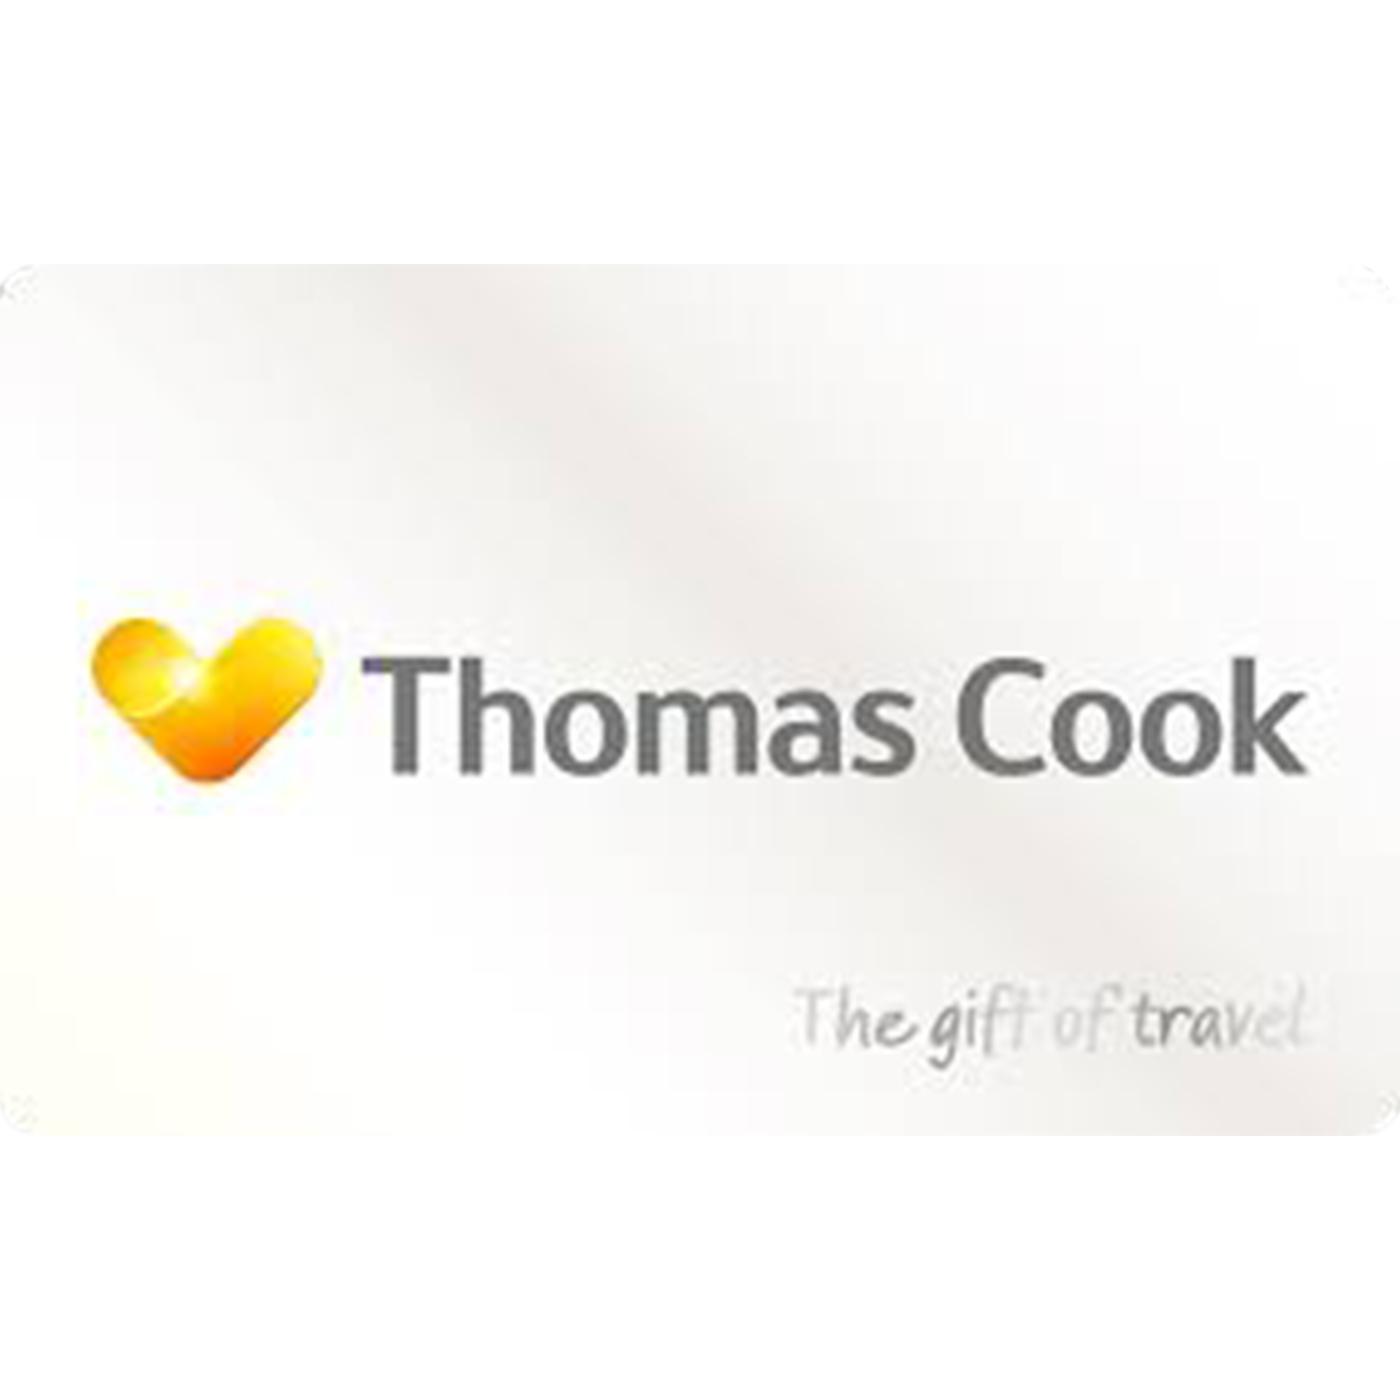 Thomas Cook E-Gift Card